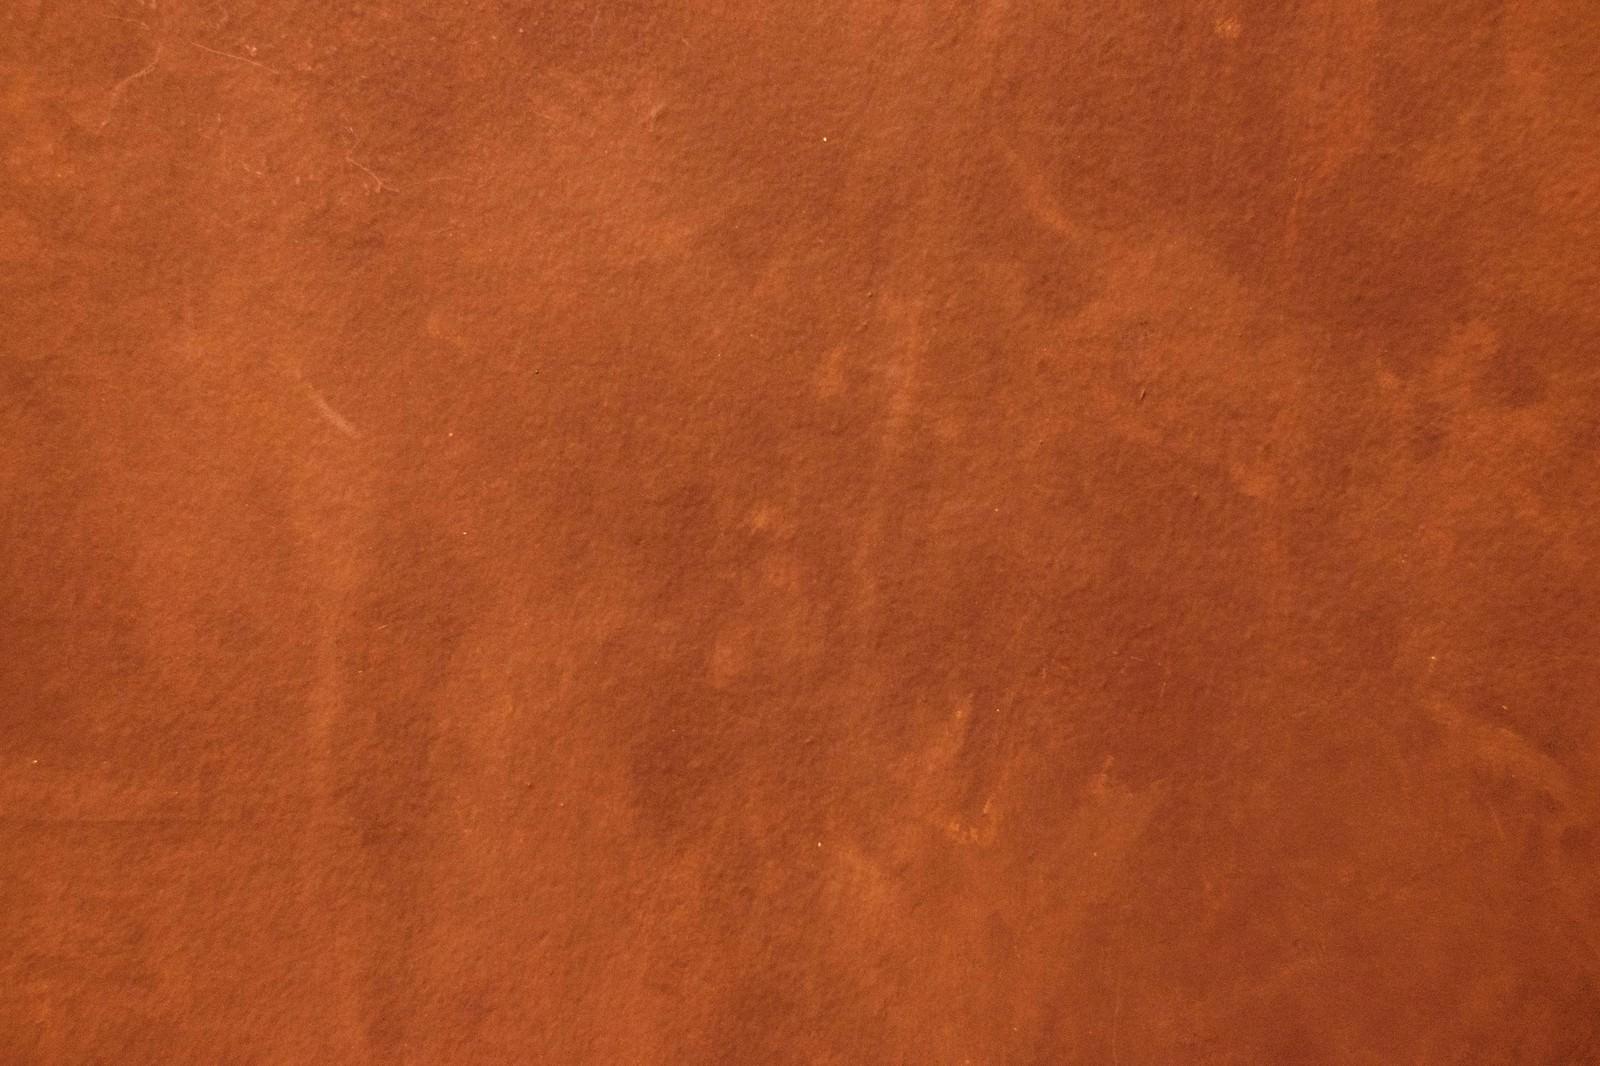 「茶色くざらついた表面(テクスチャー)茶色くざらついた表面(テクスチャー)」のフリー写真素材を拡大